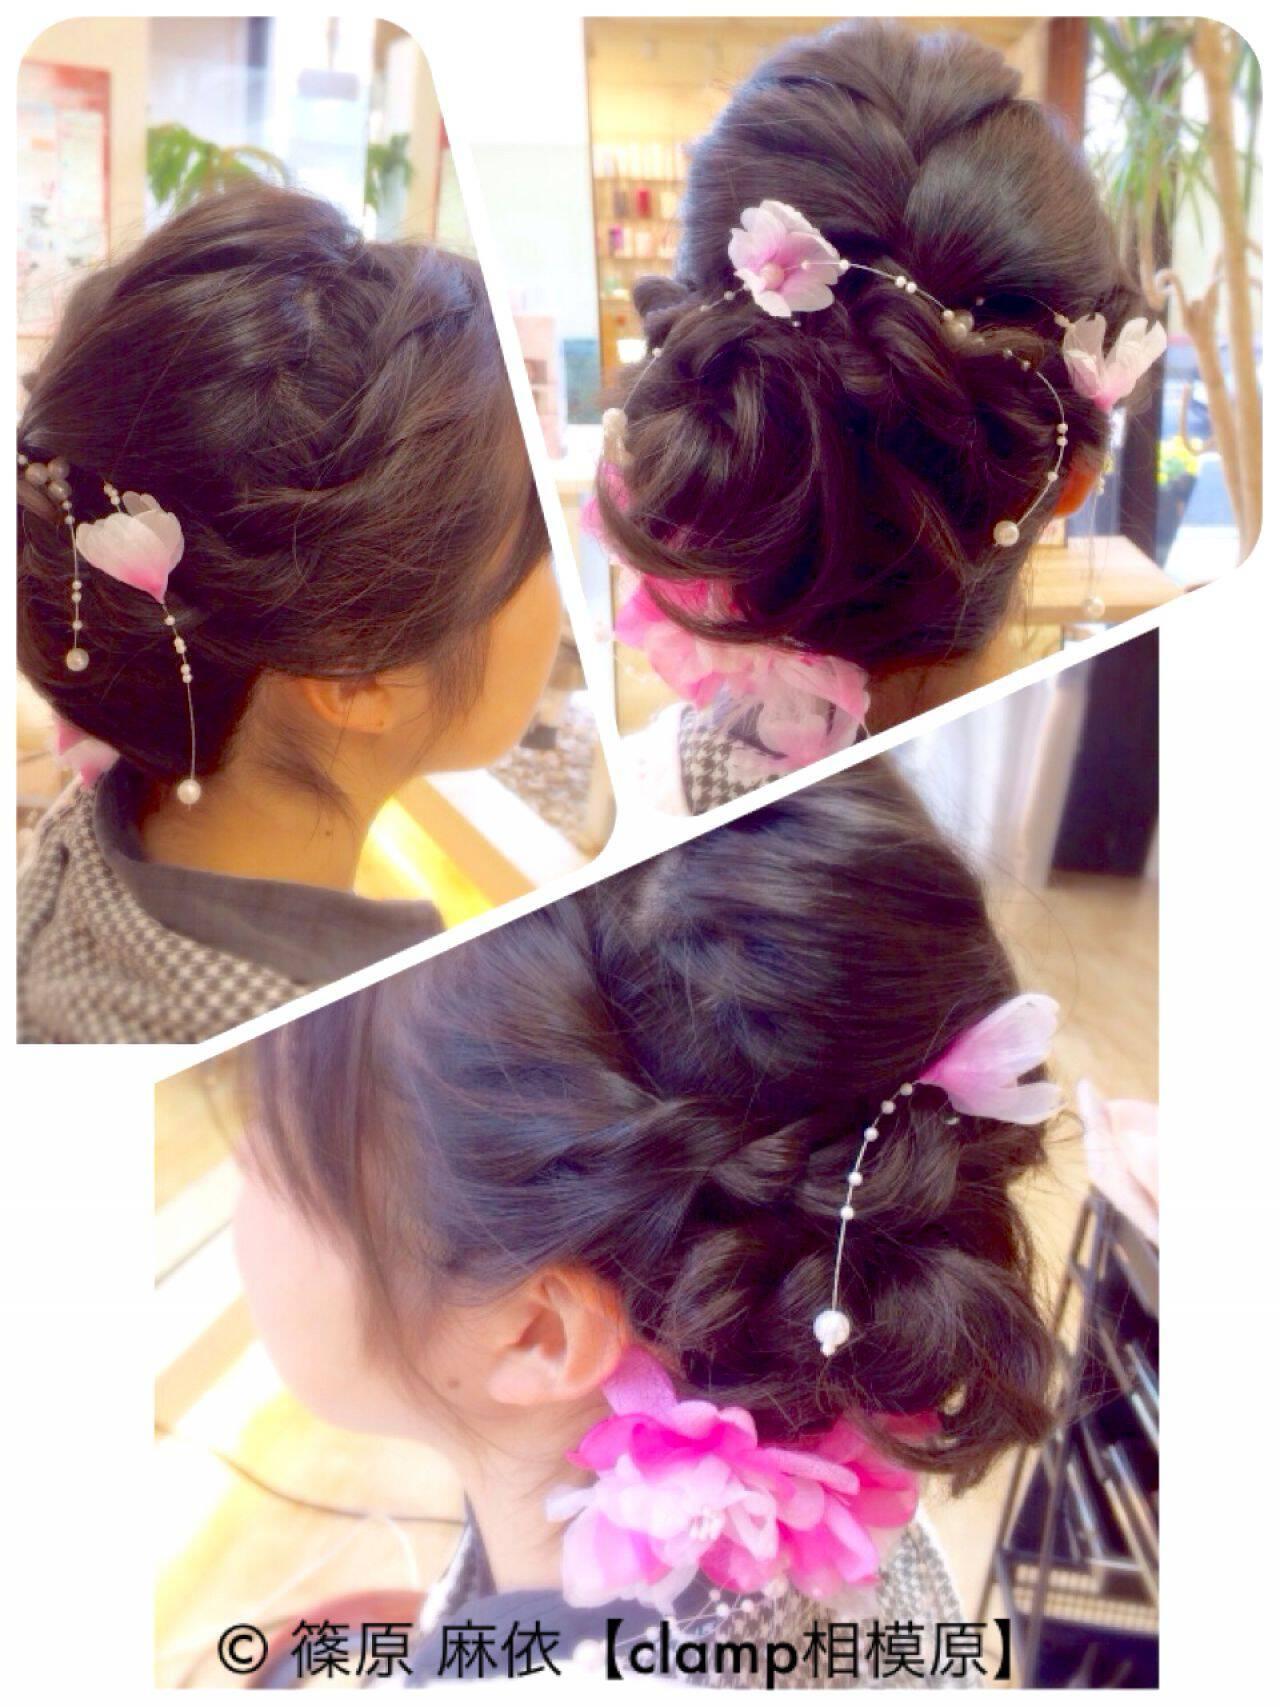 袴 編み込み 謝恩会 ヘアアレンジヘアスタイルや髪型の写真・画像